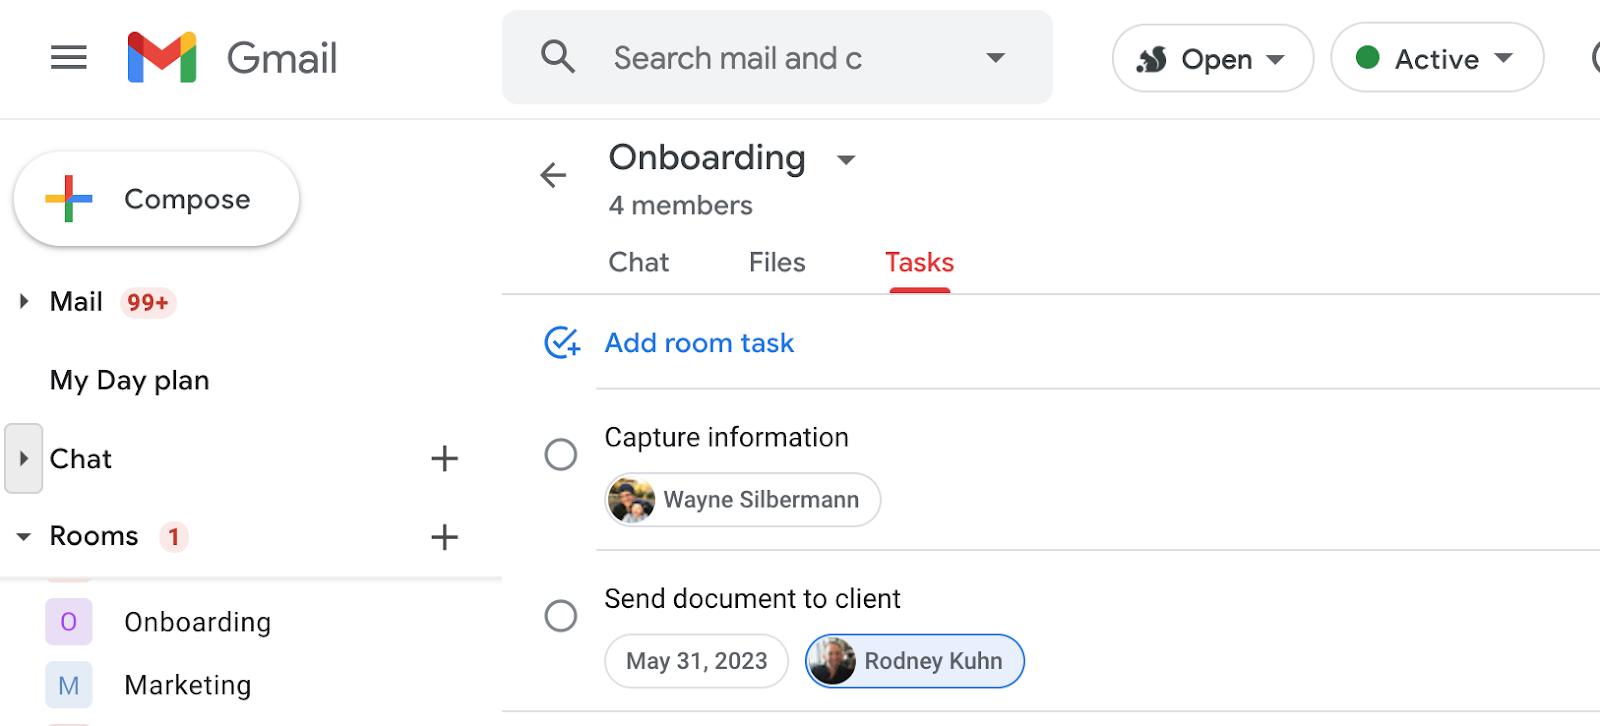 Google Tasks in inside Google Chat in Gmail